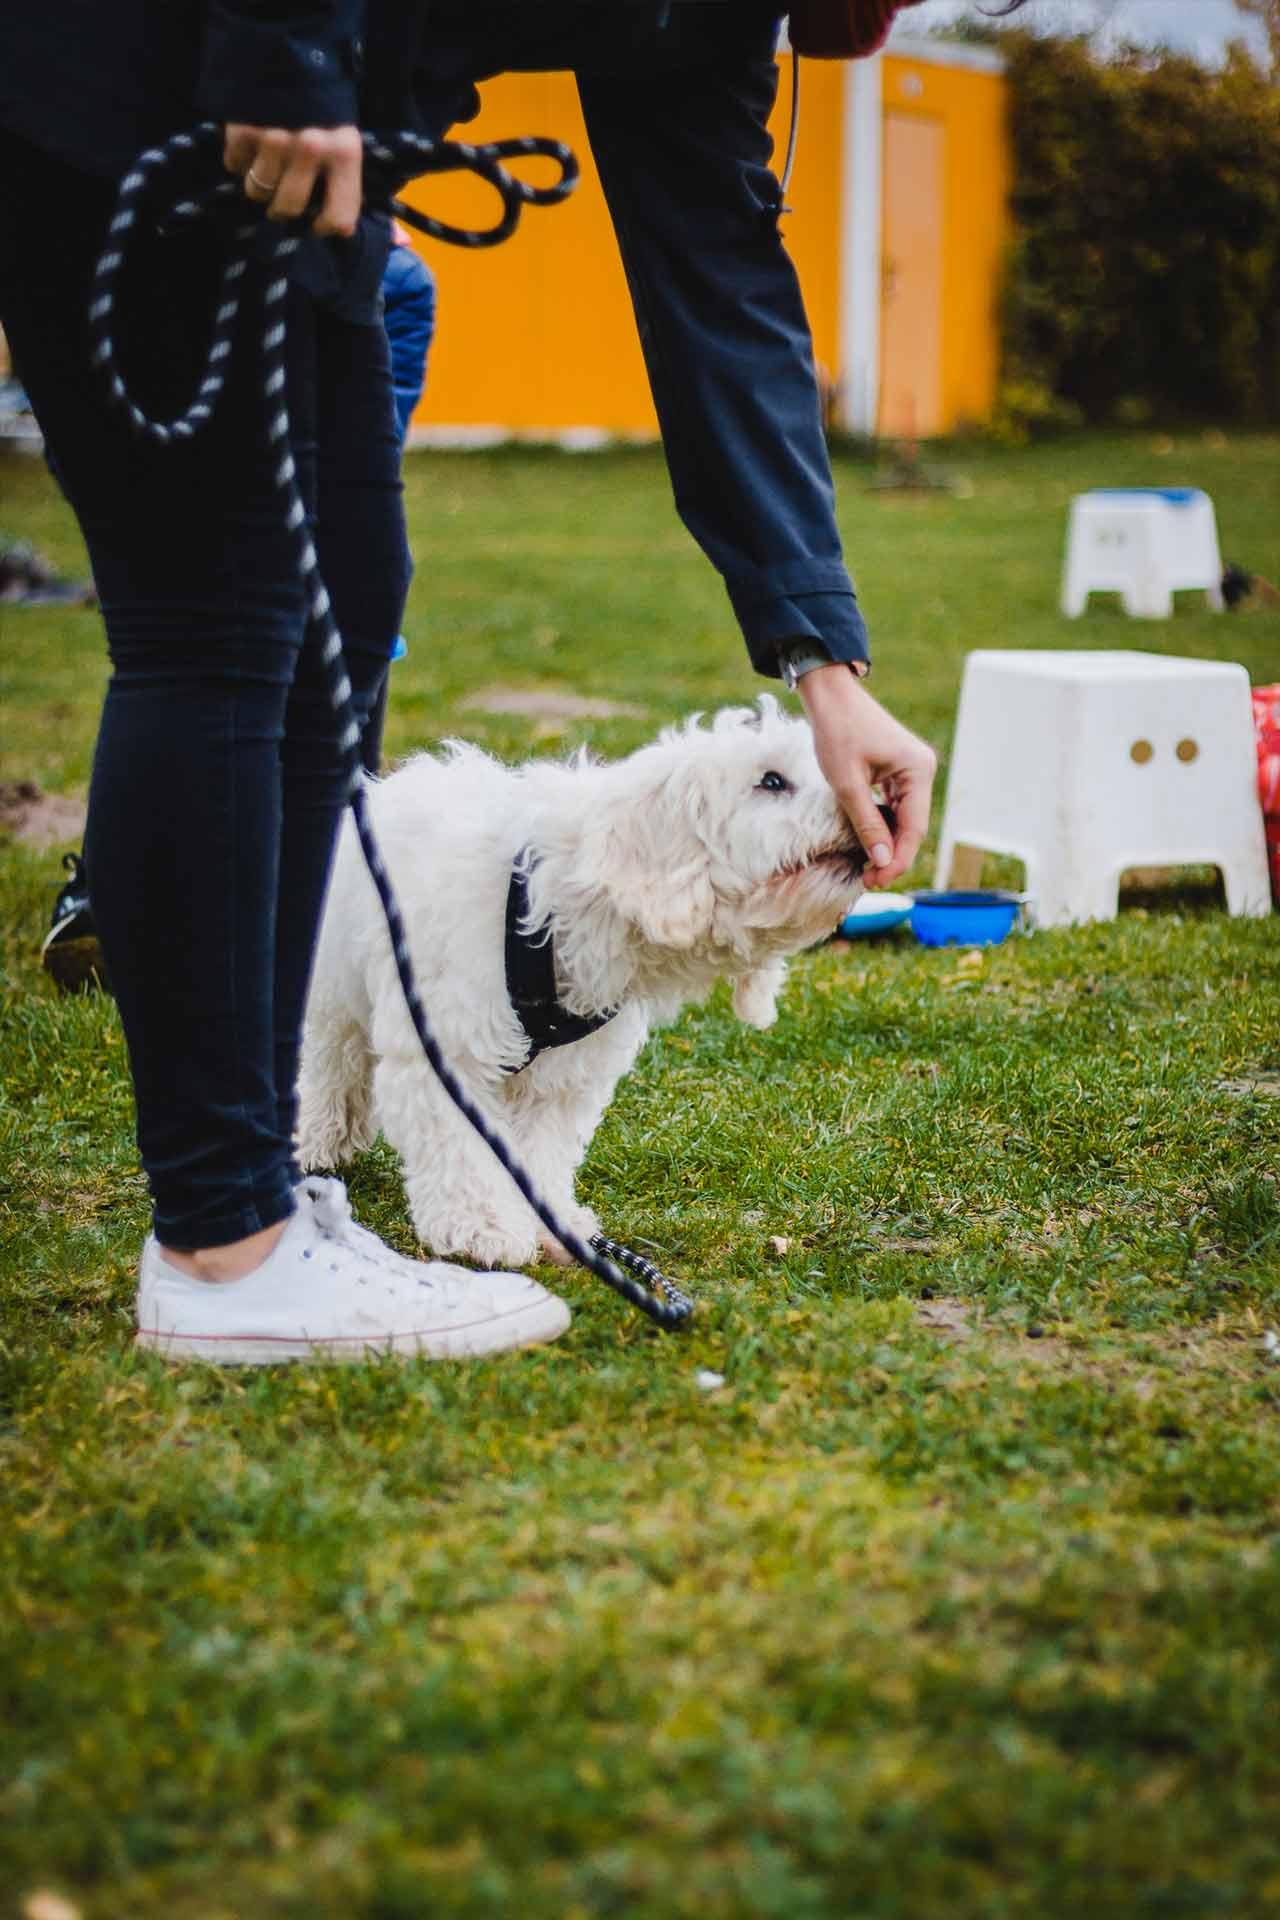 hundpunkt_hundeschule_muenster-ibbenbueren-leckerli-traing